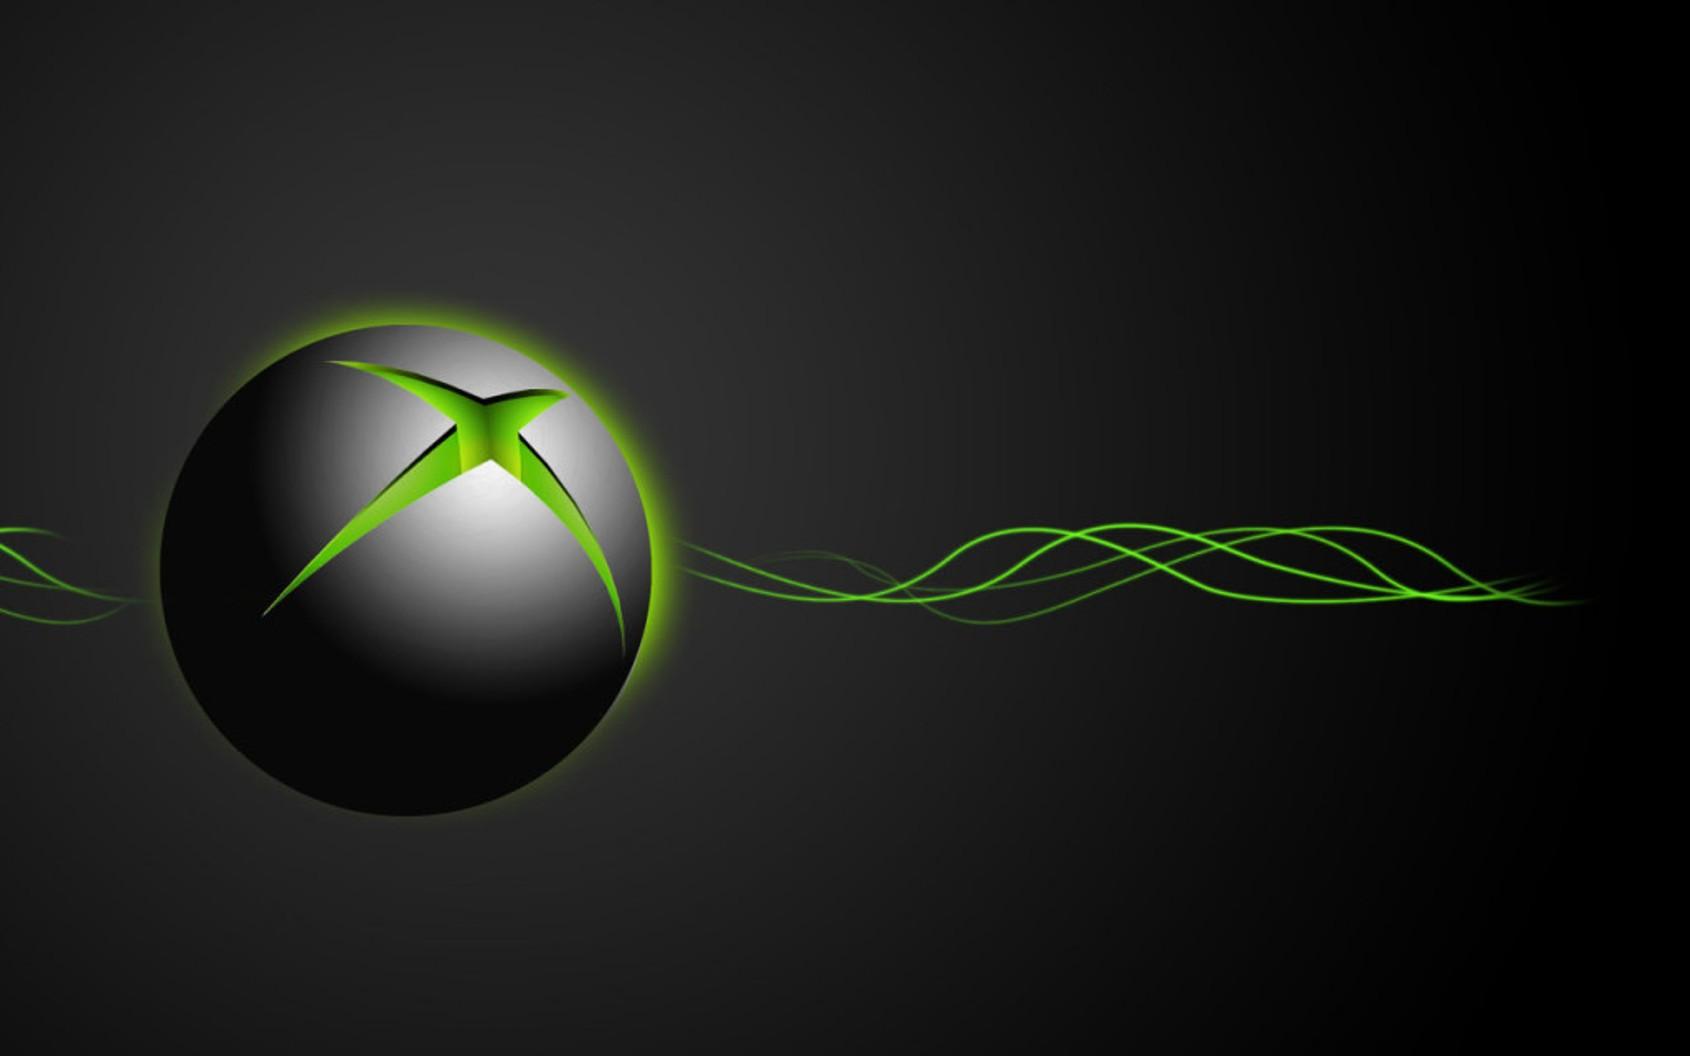 E3 2014 Microsoft Xbox Press Conference Impression Games Games 1690x1056